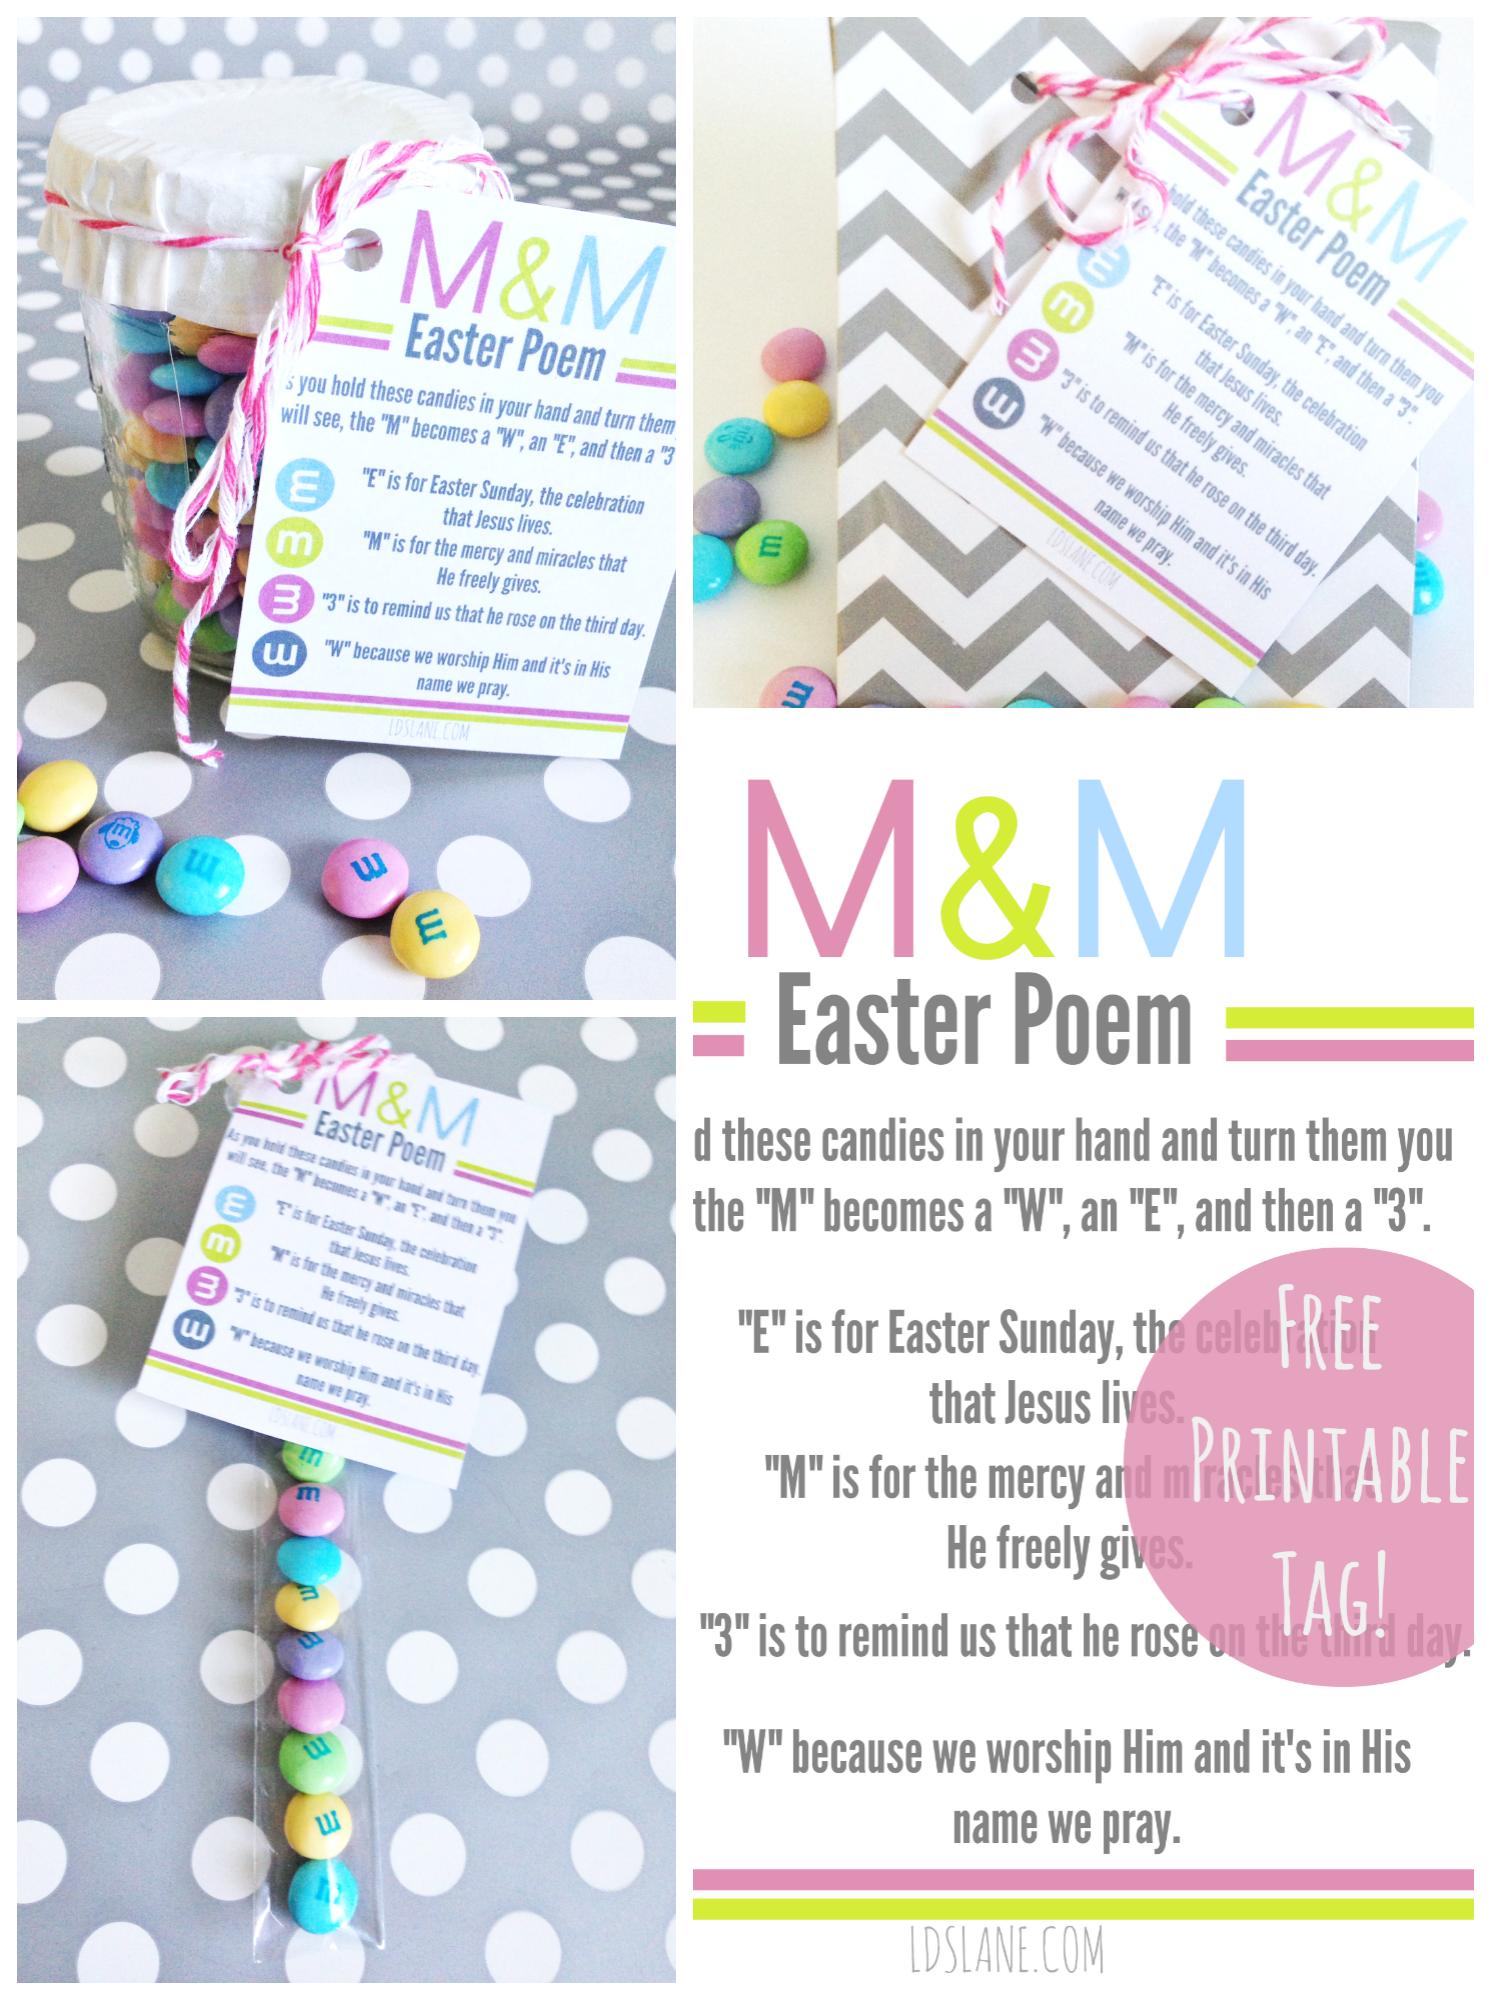 http://3.bp.blogspot.com/-u4t90Qti10I/UzIZlrRreeI/AAAAAAAANQw/S2Jtll2BzE8/s3200/M&M-Easter-Poem-Free-Printable.png